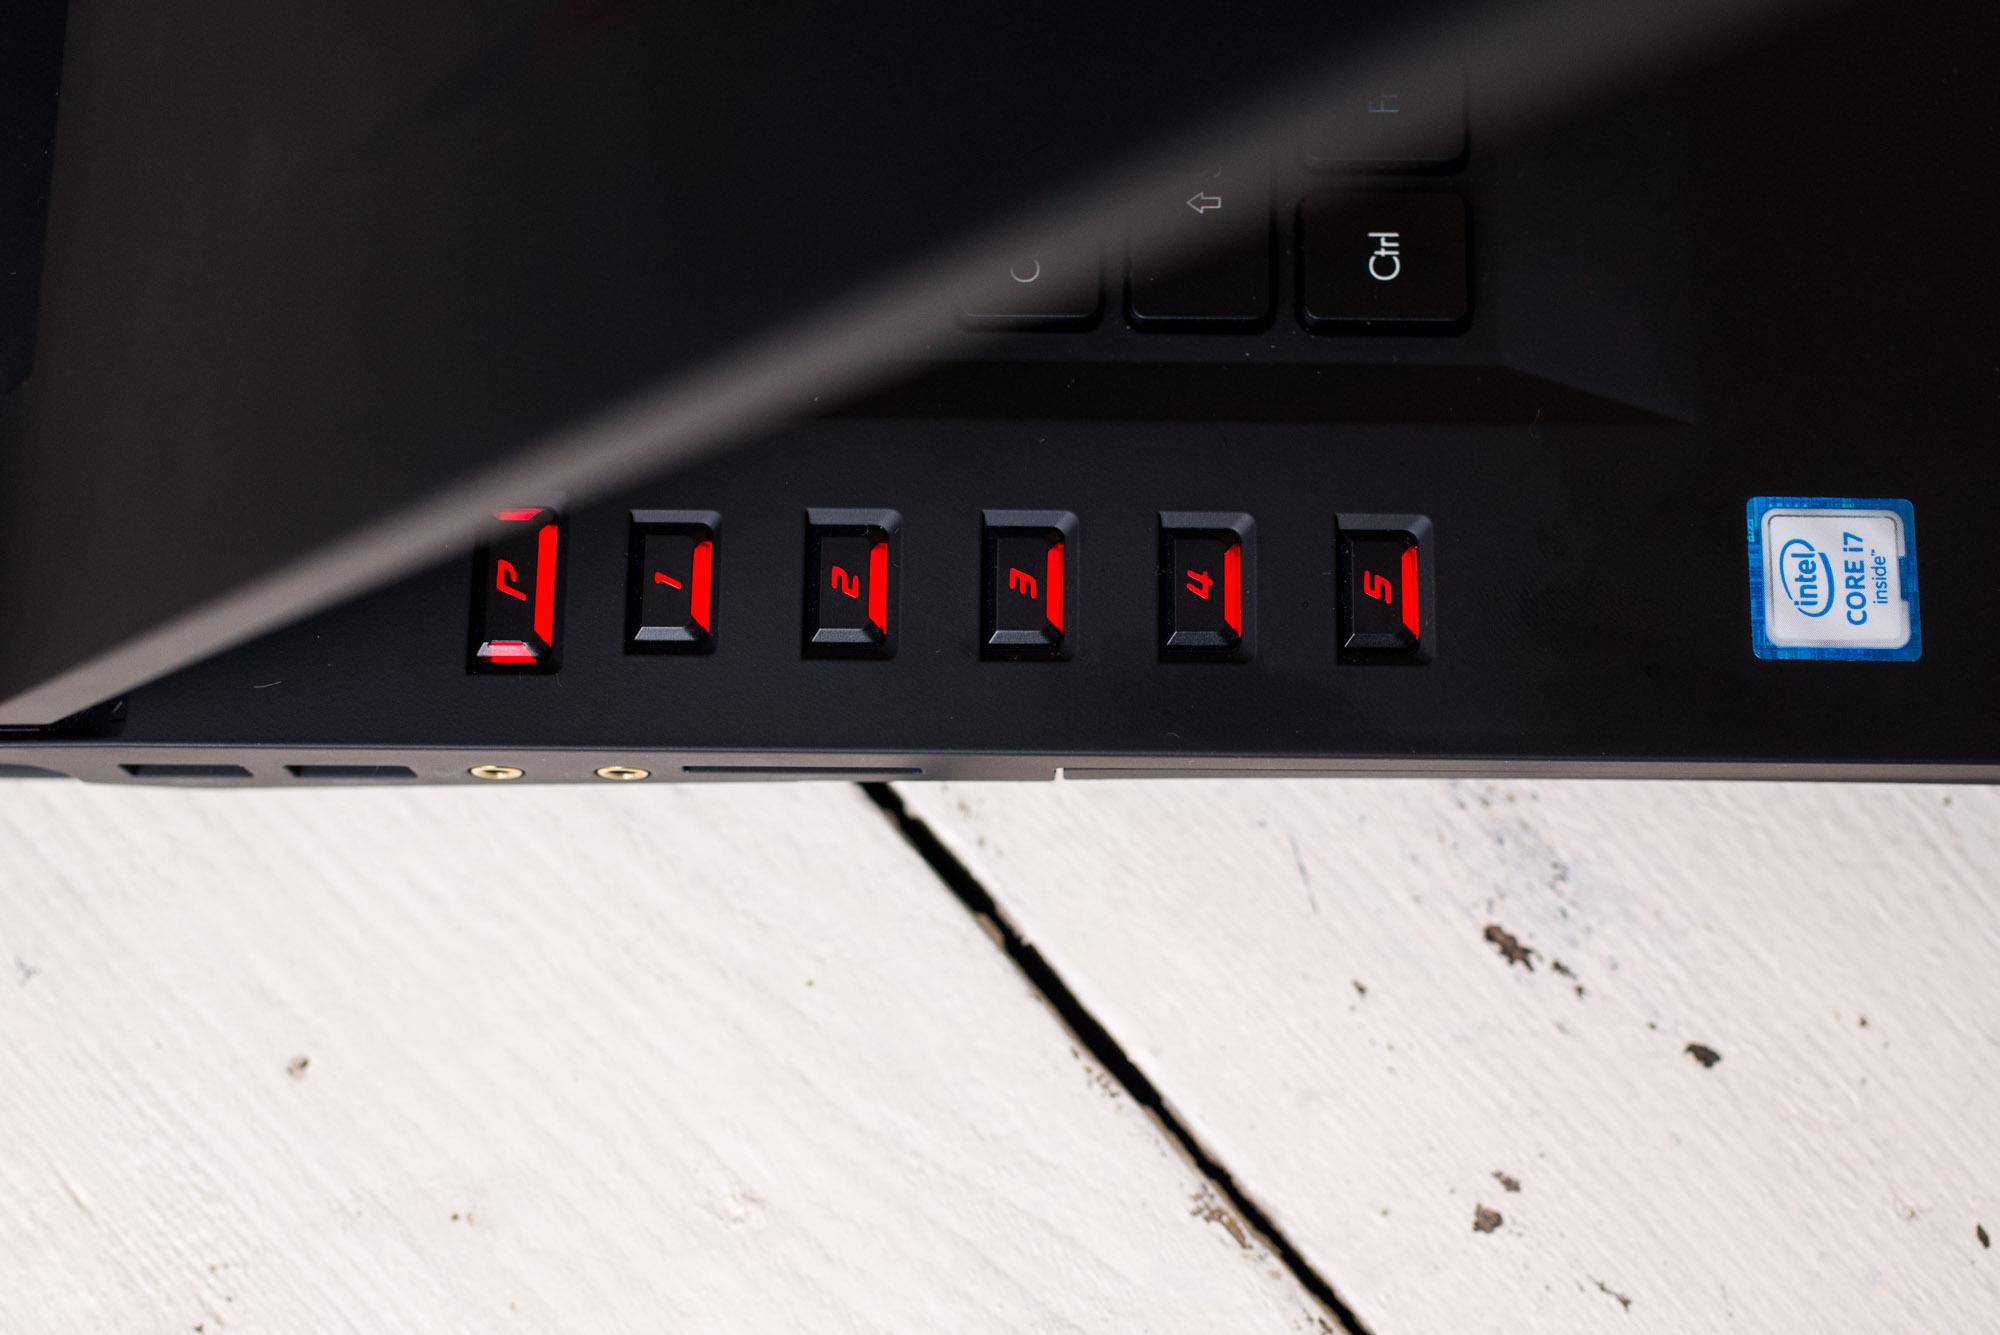 Acer-Predator-17-1070-9